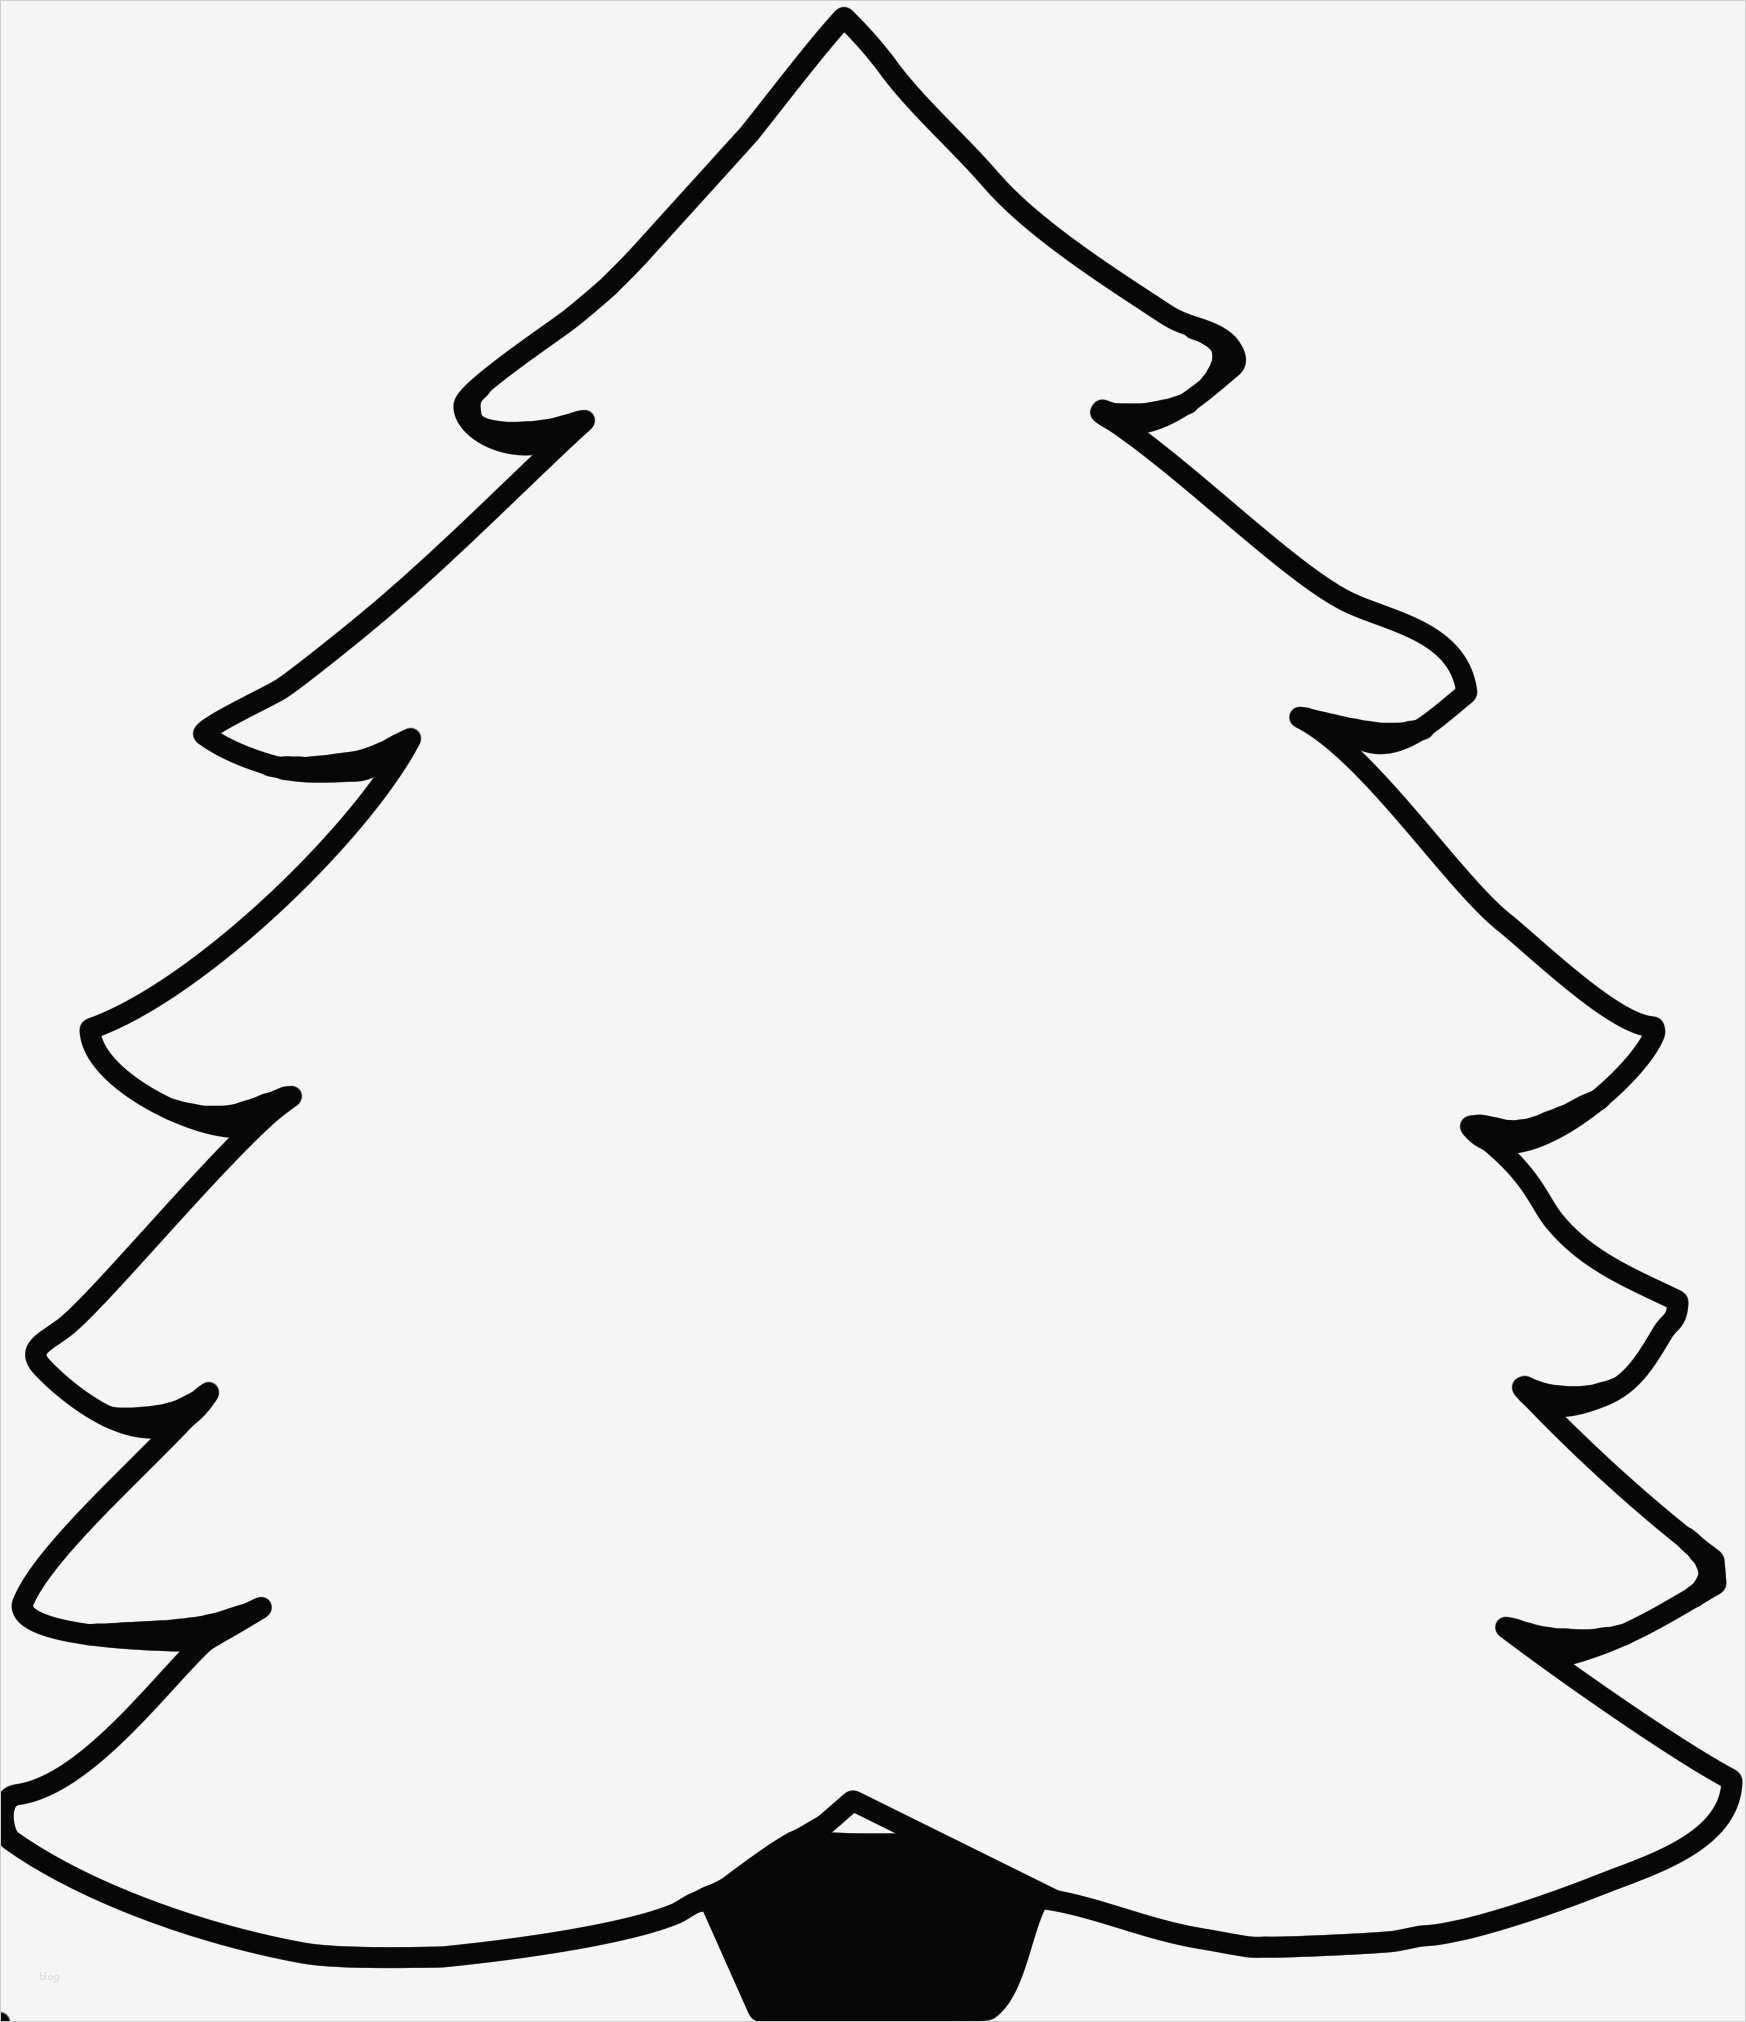 vorlage weihnachtsbaum wunderbar tannenbaum vorlage zum